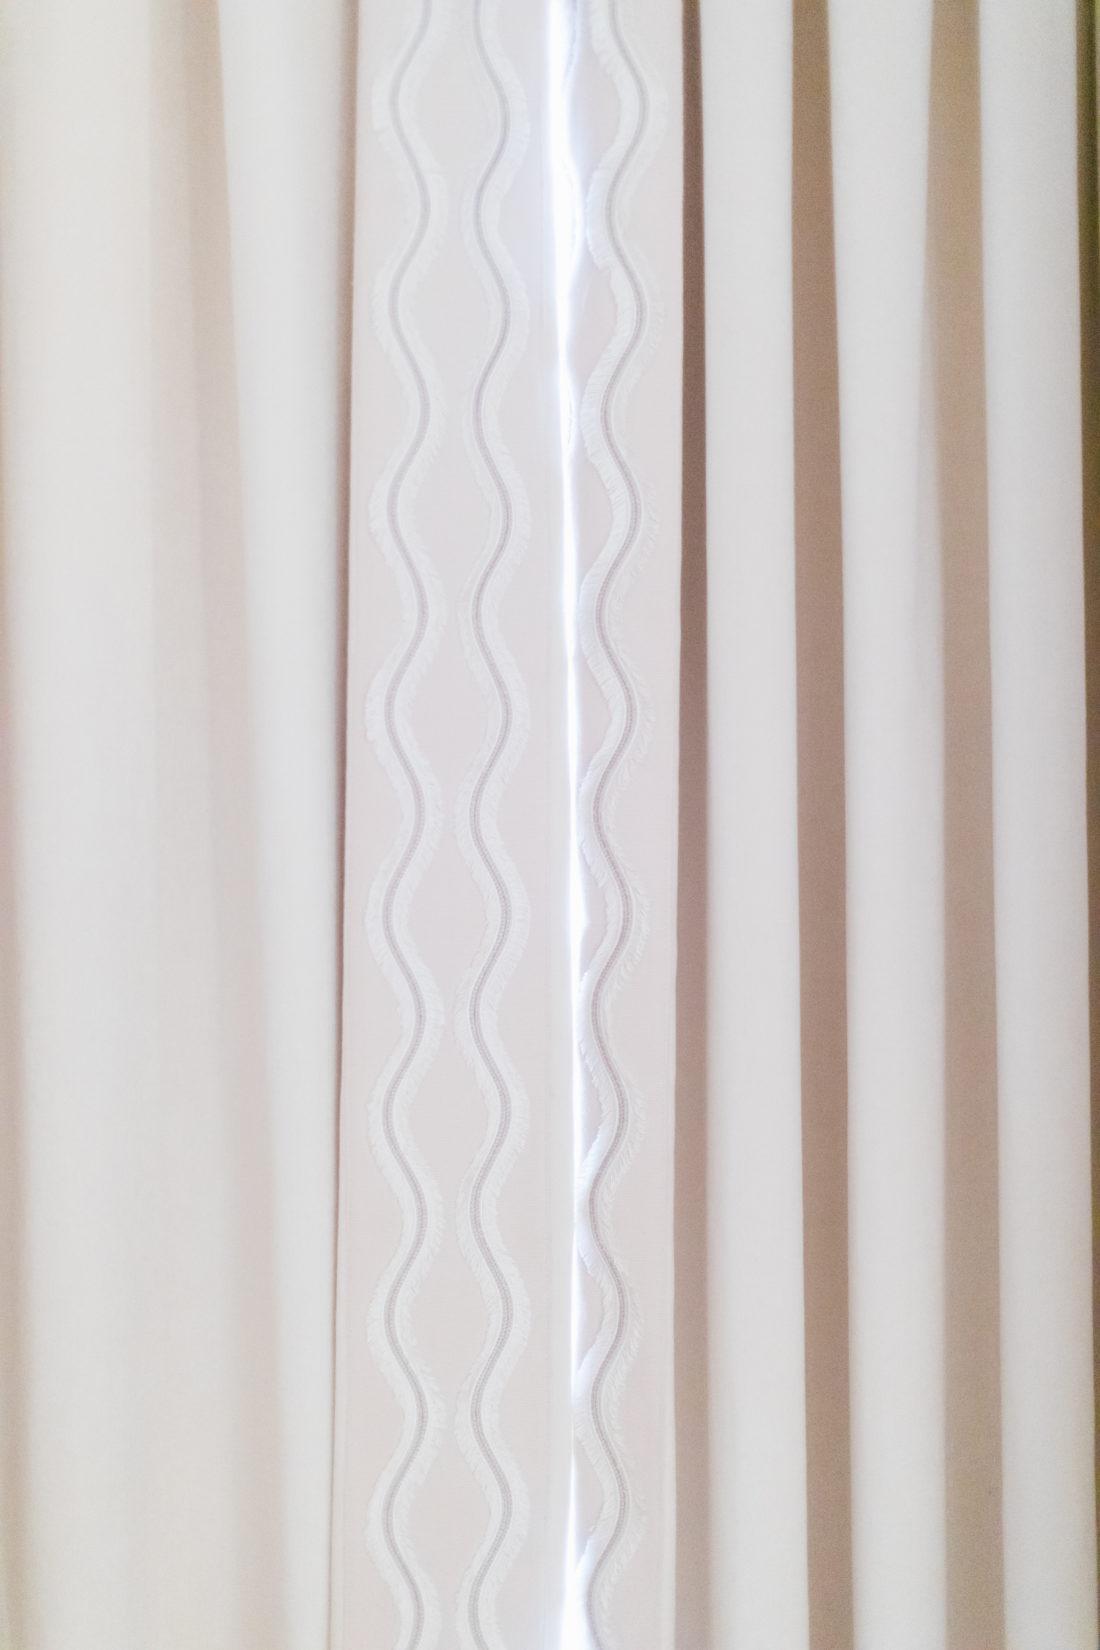 Eva Amurri's Connecticut master bedroom featuring Schumacher curtain fabric